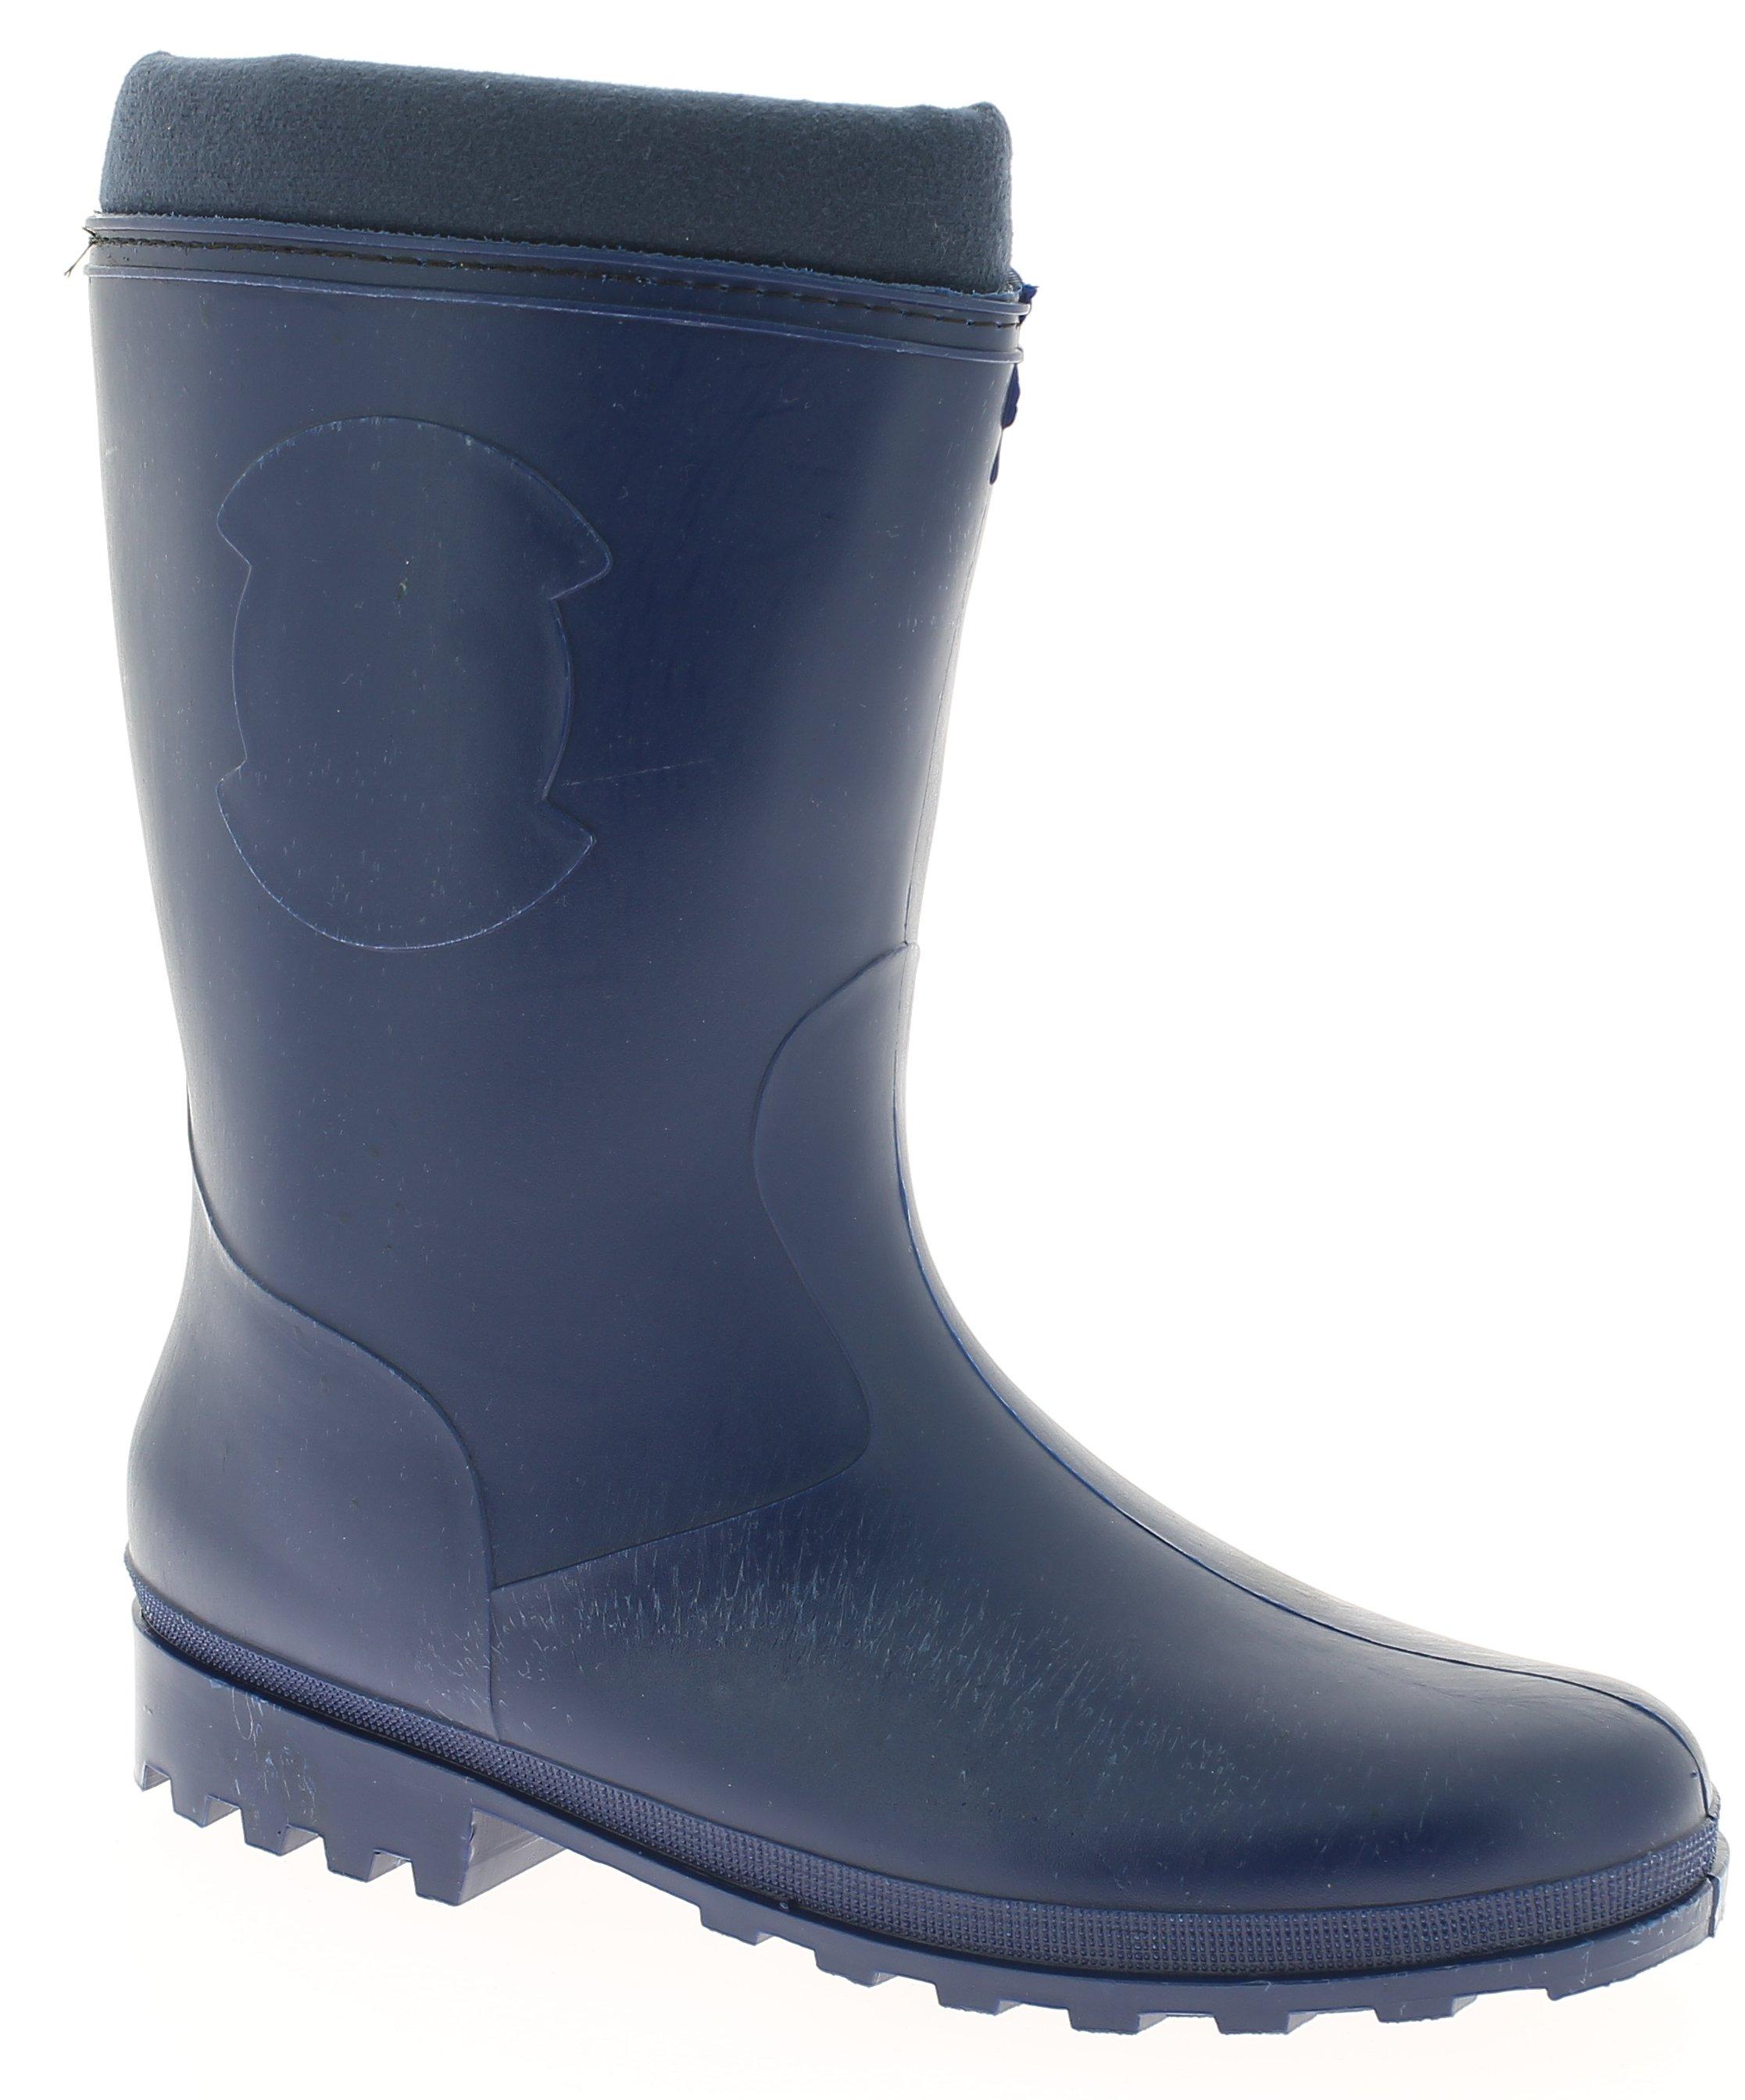 Γαλότσα Γυναικεία 338-3 Μπλε - IqShoes - 338-3 blue blue 40/1/23/8 παπούτσια  προσφορεσ